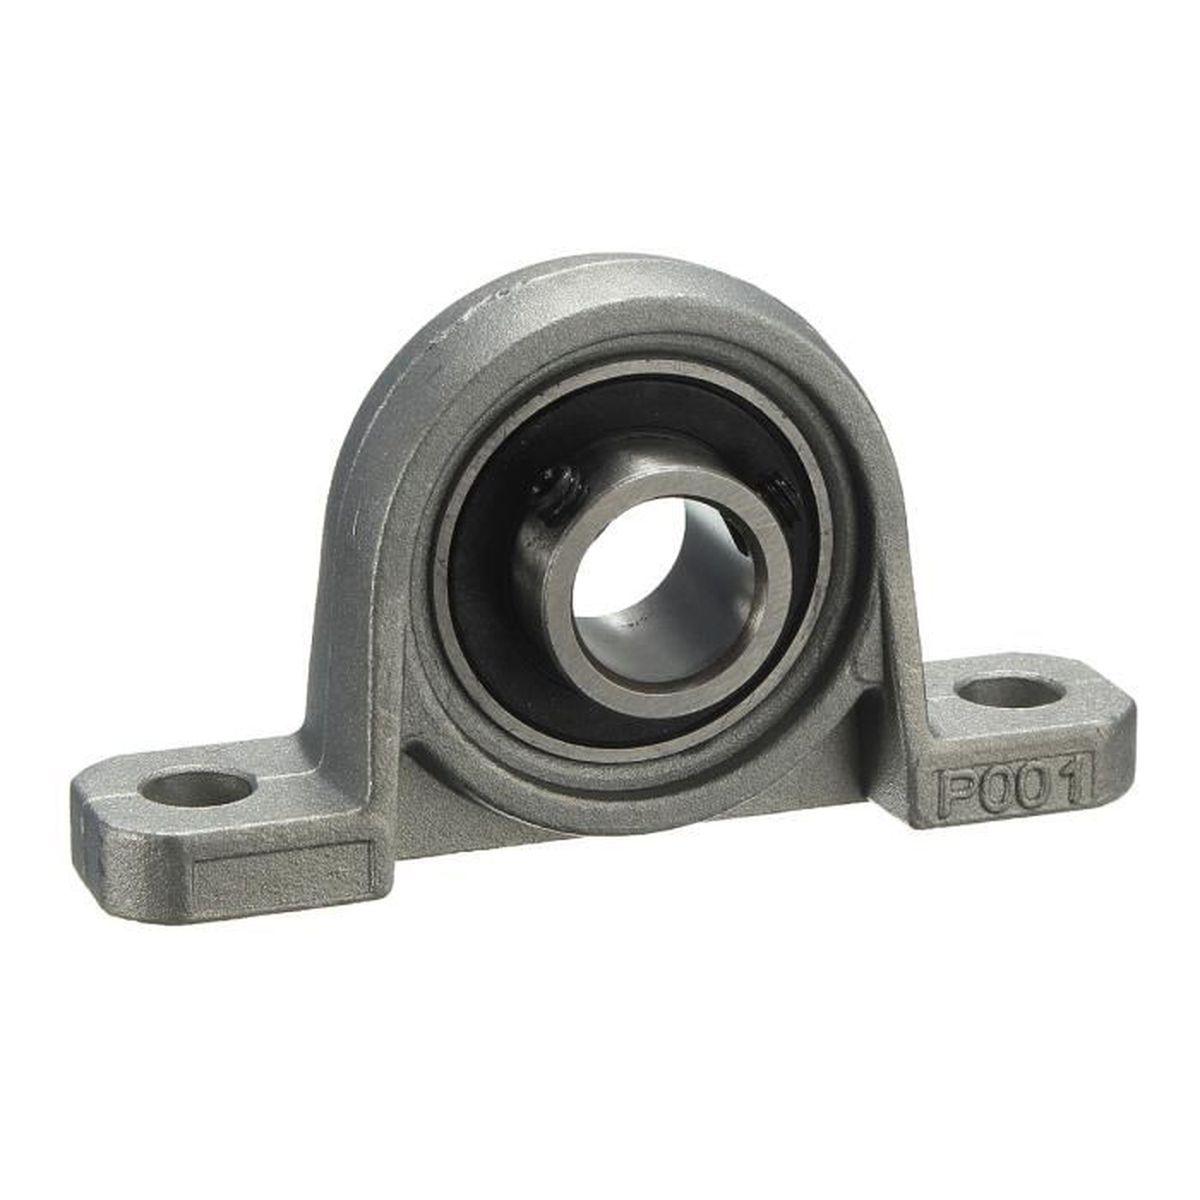 12mm metal palier roulement bille bloc deux boulon al sage zinc alliage kp001 achat vente. Black Bedroom Furniture Sets. Home Design Ideas